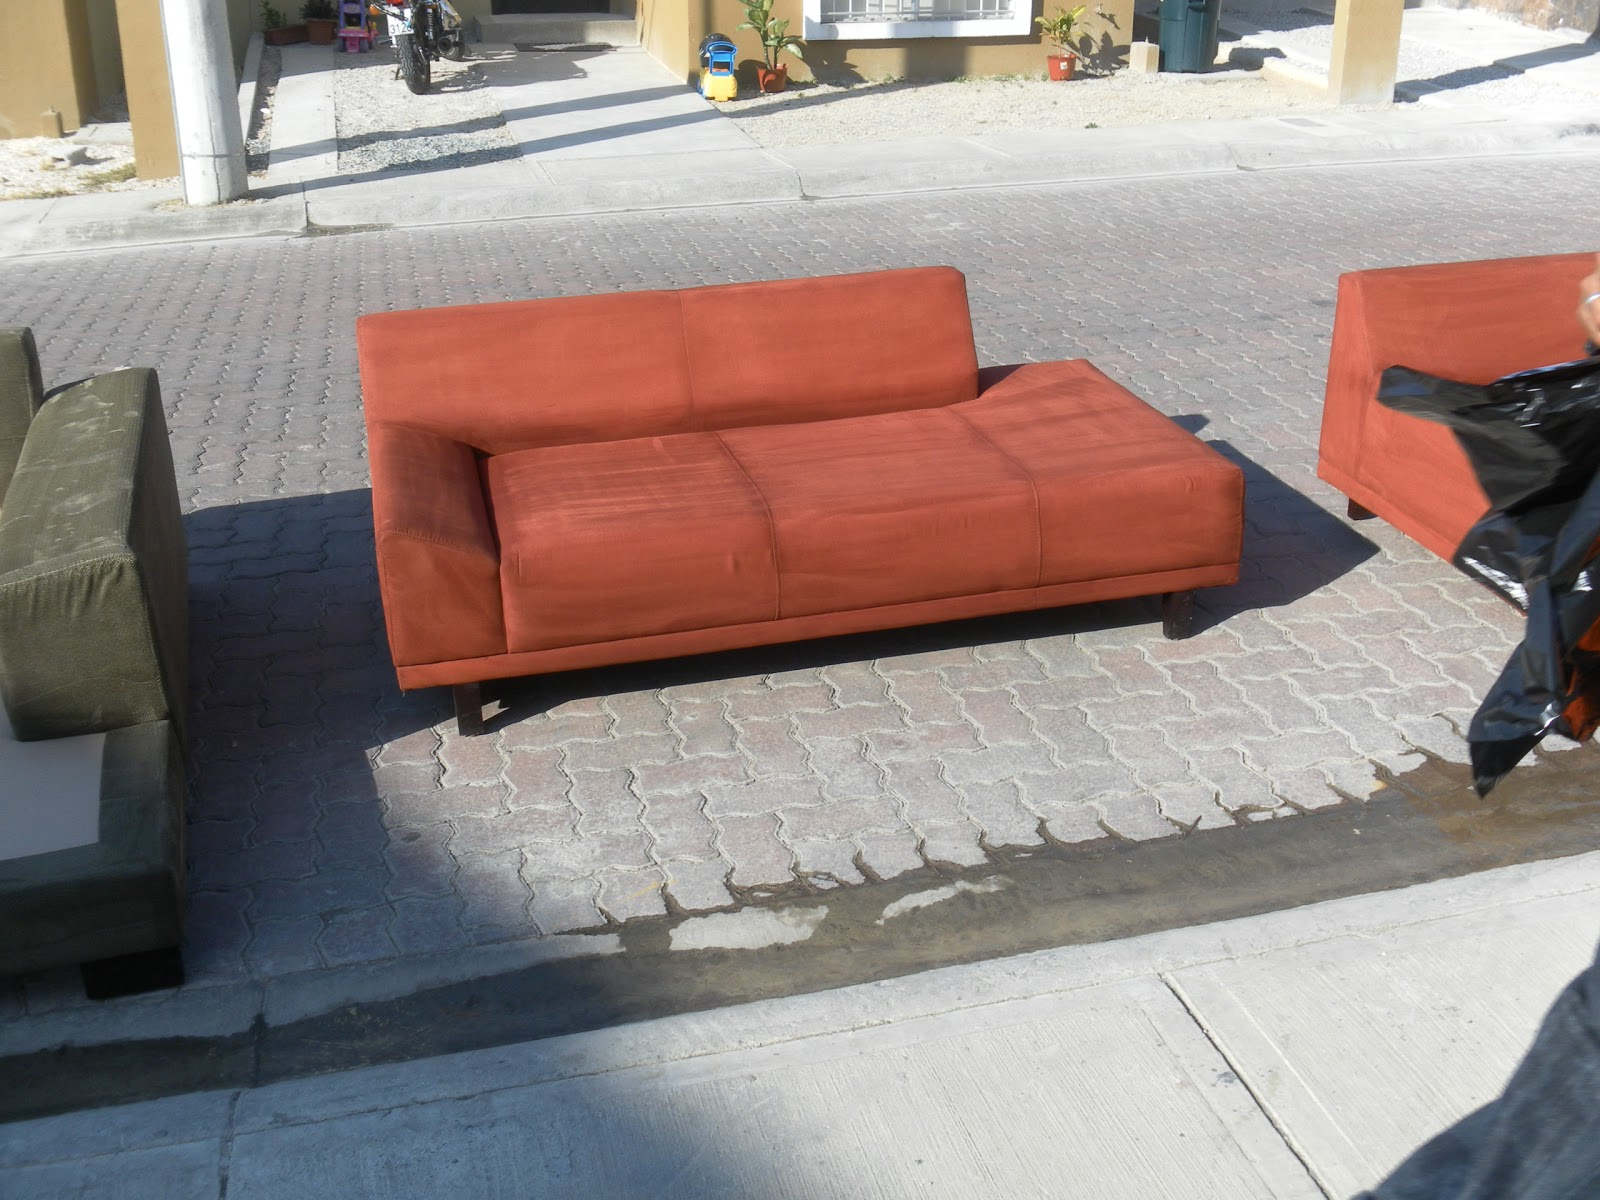 Limpieza de muebles colchones alfombras sillas en etc for Limpieza de muebles